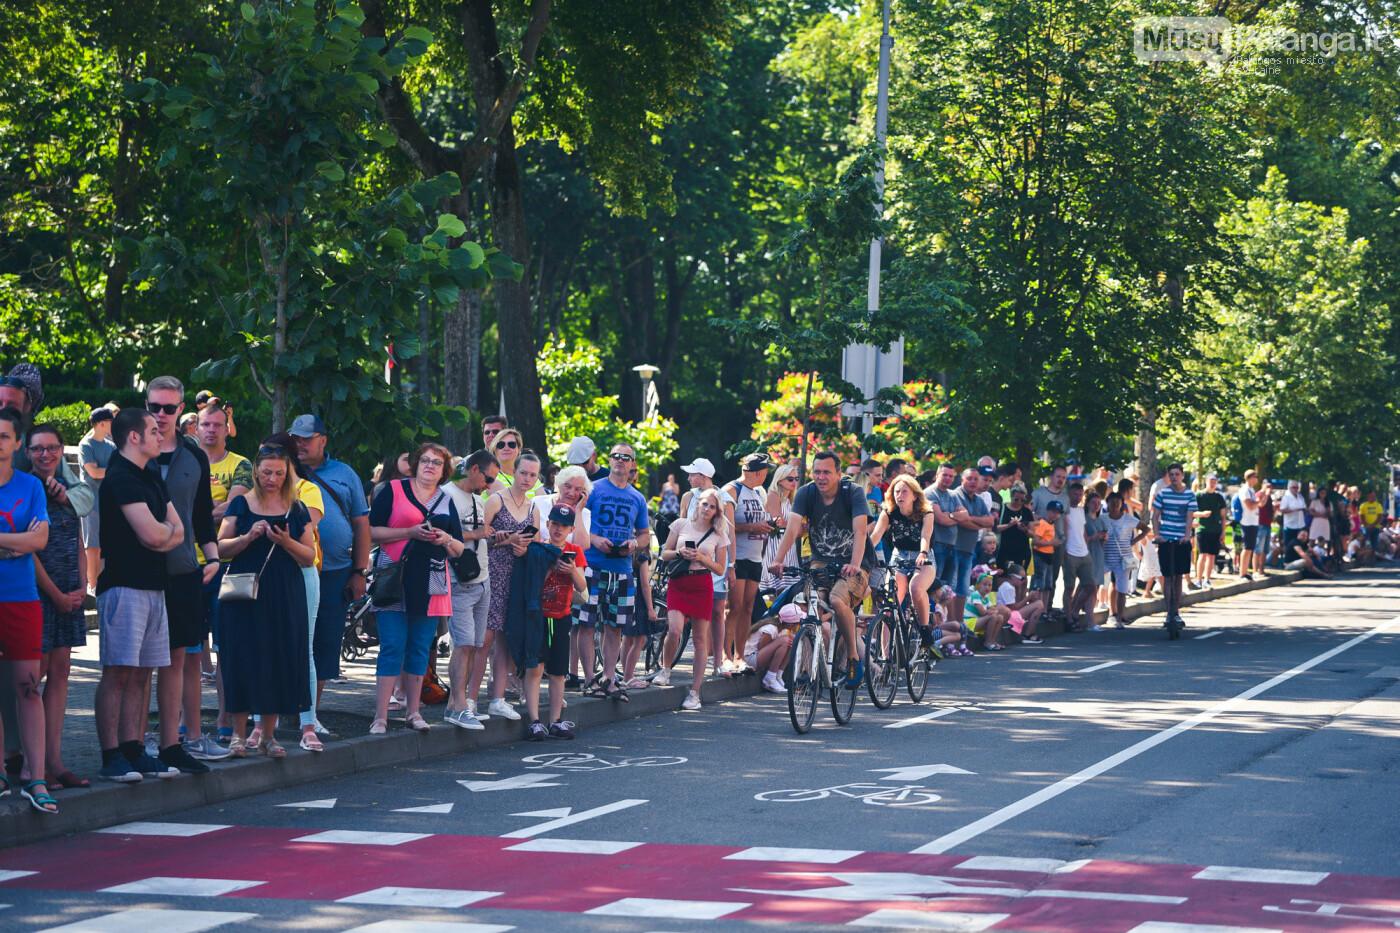 """Palanga alsuoja """"Aurum 1006 km lenktynių"""" ritmu, nuotrauka-20, Vytauto PILKAUSKO ir Arno STRUMILOS nuotr."""